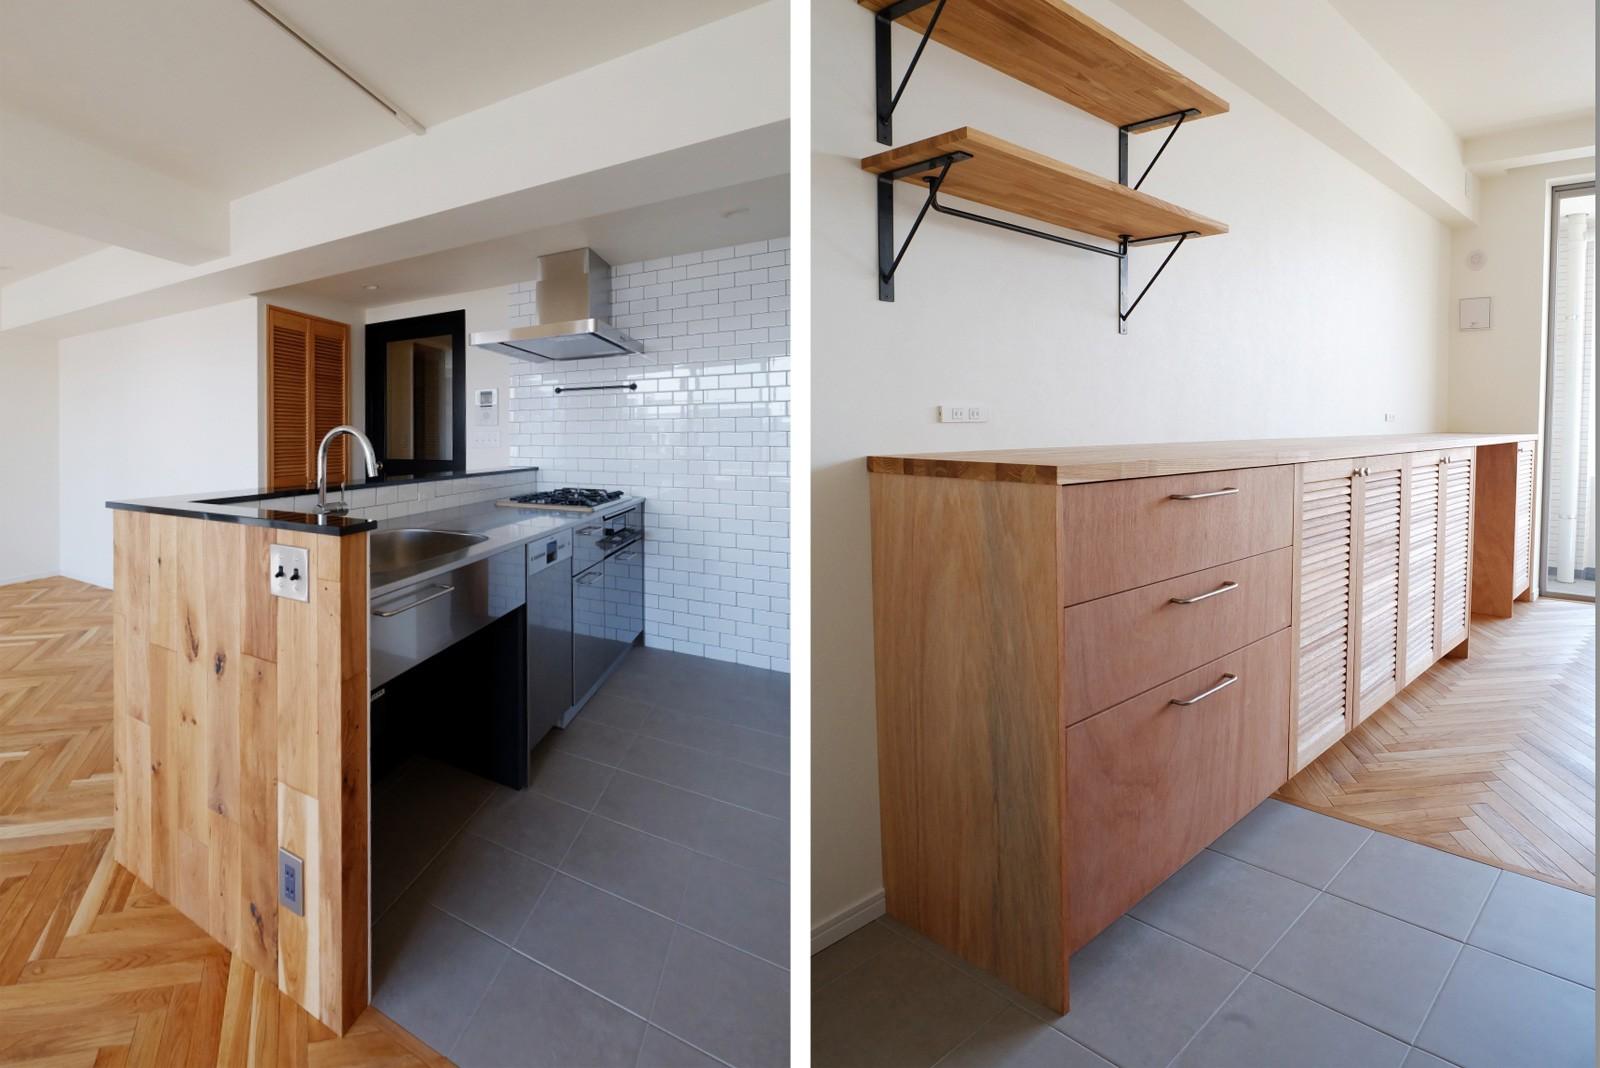 キッチン事例:キッチン(『solid.』 ― 素材の表情を活かす)